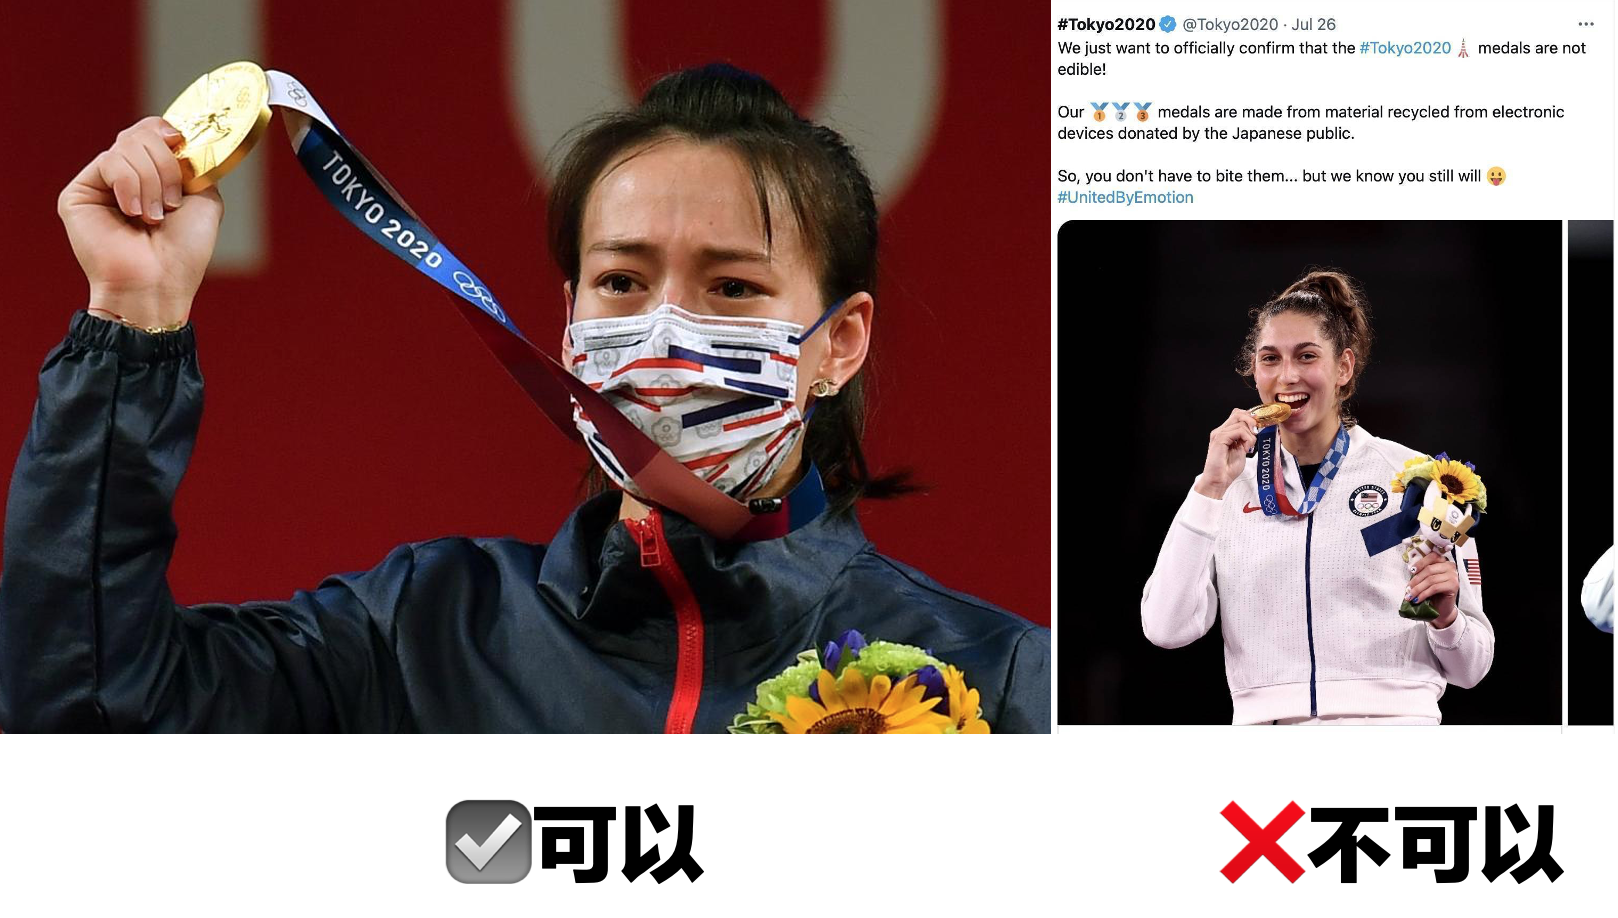 「奧運會上的冠軍喜歡咬金牌?」東京奧運金牌跟以前的不一樣!-我們用電影寫日記